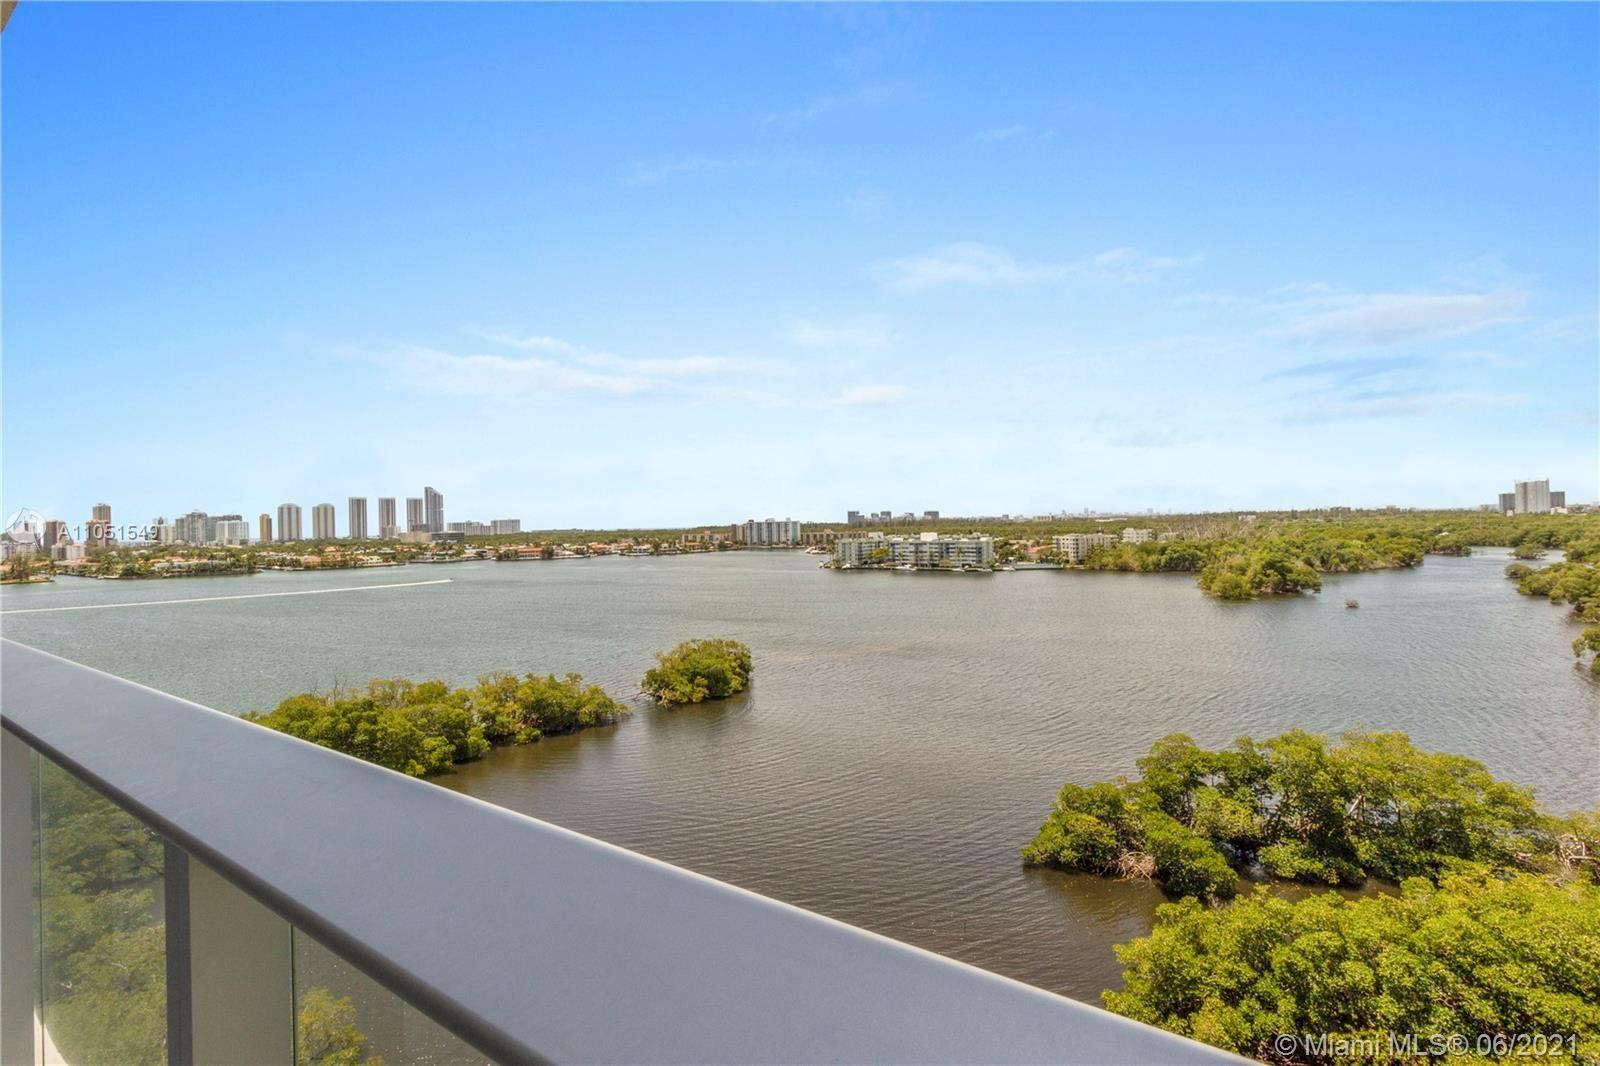 17111 Biscayne Blvd #1002, North Miami Beach, FL 33160 - #: A11051549